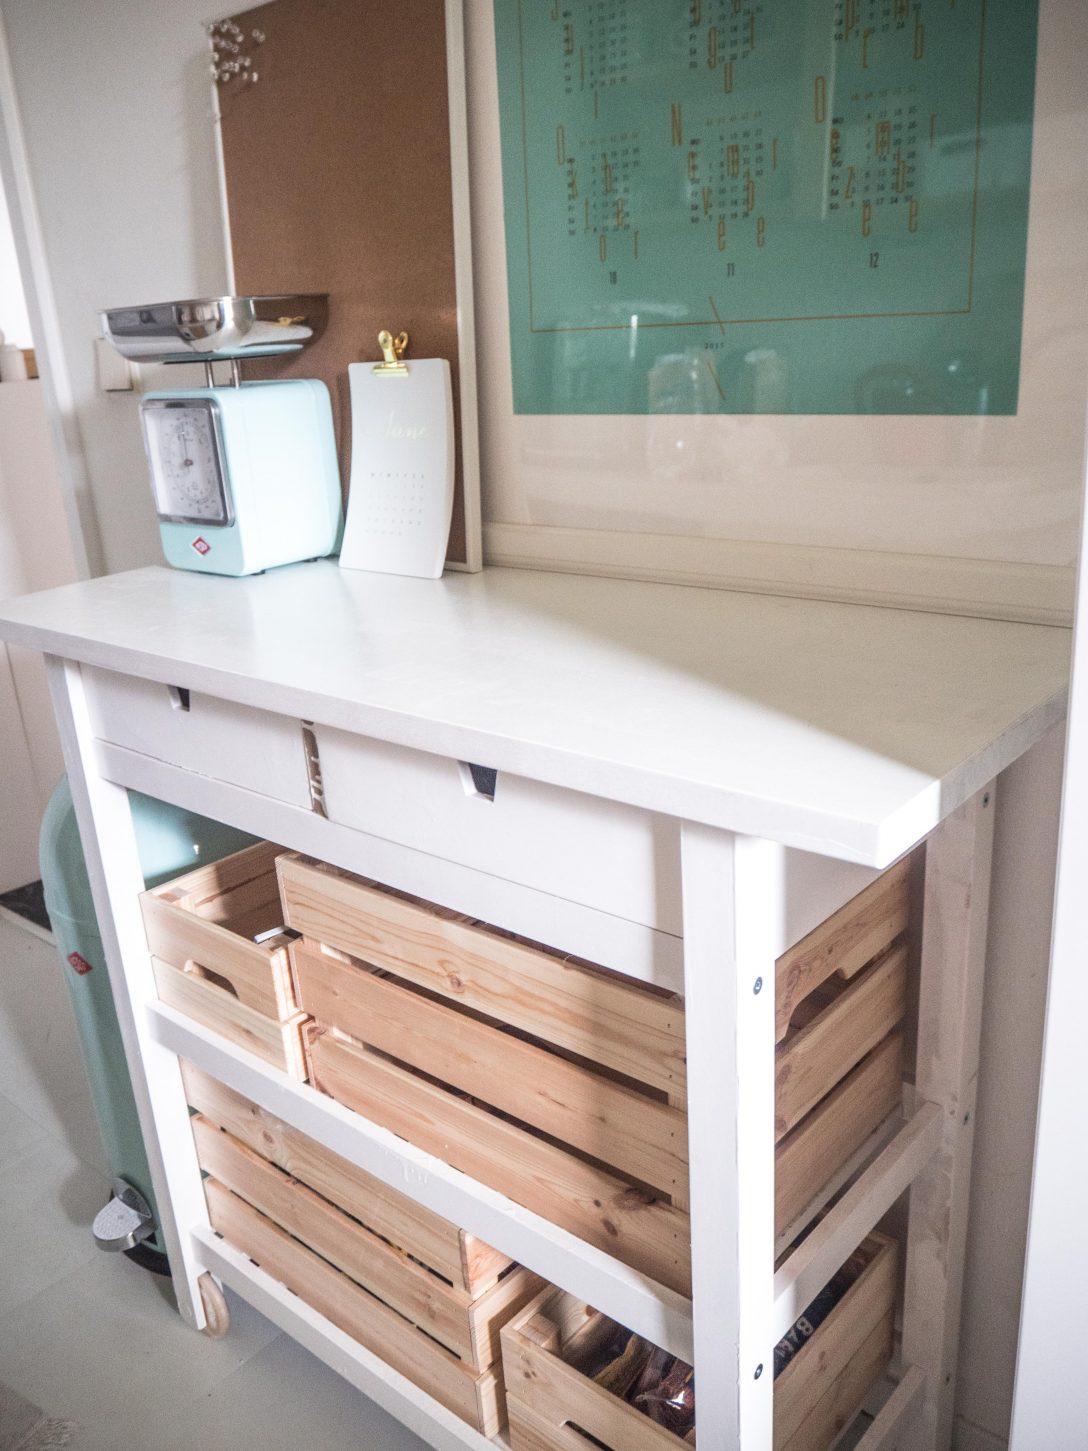 Large Size of Sideboard In Der Kche Nummer Fnfzehn Küche Ikea Kosten Kaufen Sofa Mit Schlaffunktion Modulküche Betten 160x200 Miniküche Bei Wohnzimmer Küchenschrank Ikea